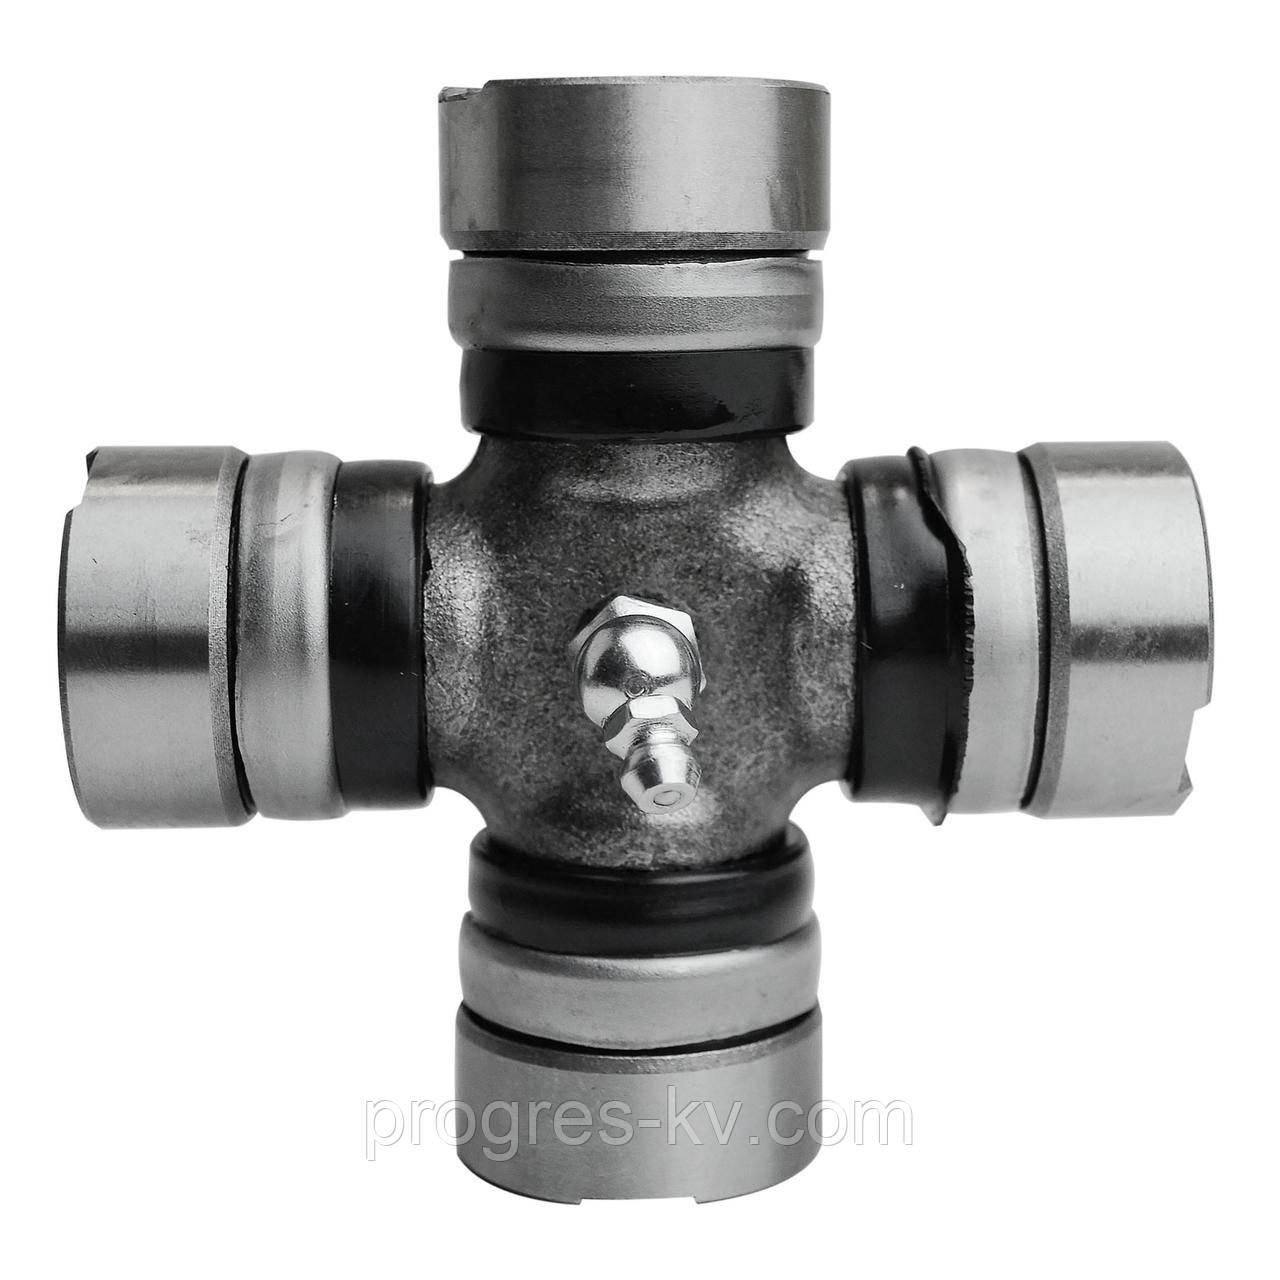 Крестовина карданного вала  ГАЗ 53 (35х98)